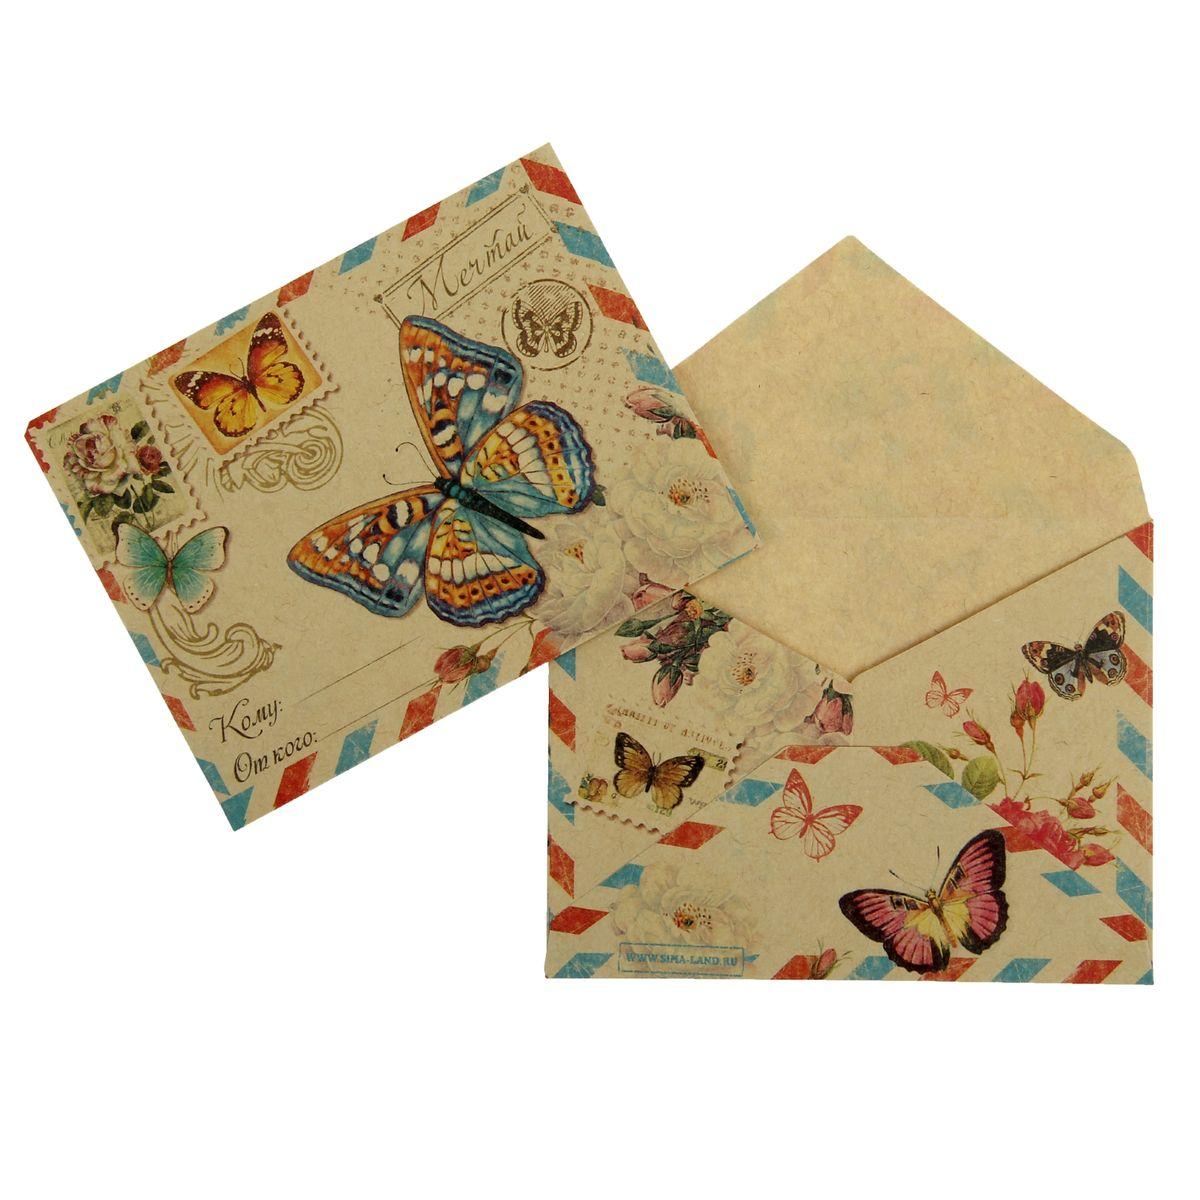 Конверт подарочный Бабочки1021075Бумажный конверт Бабочки используется для украшения подарков. Лицевая сторона конверта украшена бабочками и цветами. Также здесь вы можете указать, Кому предназначен этот конверт и От кого. Подарочный конверт Бабочки - отличное дополнение к вашему подарку.